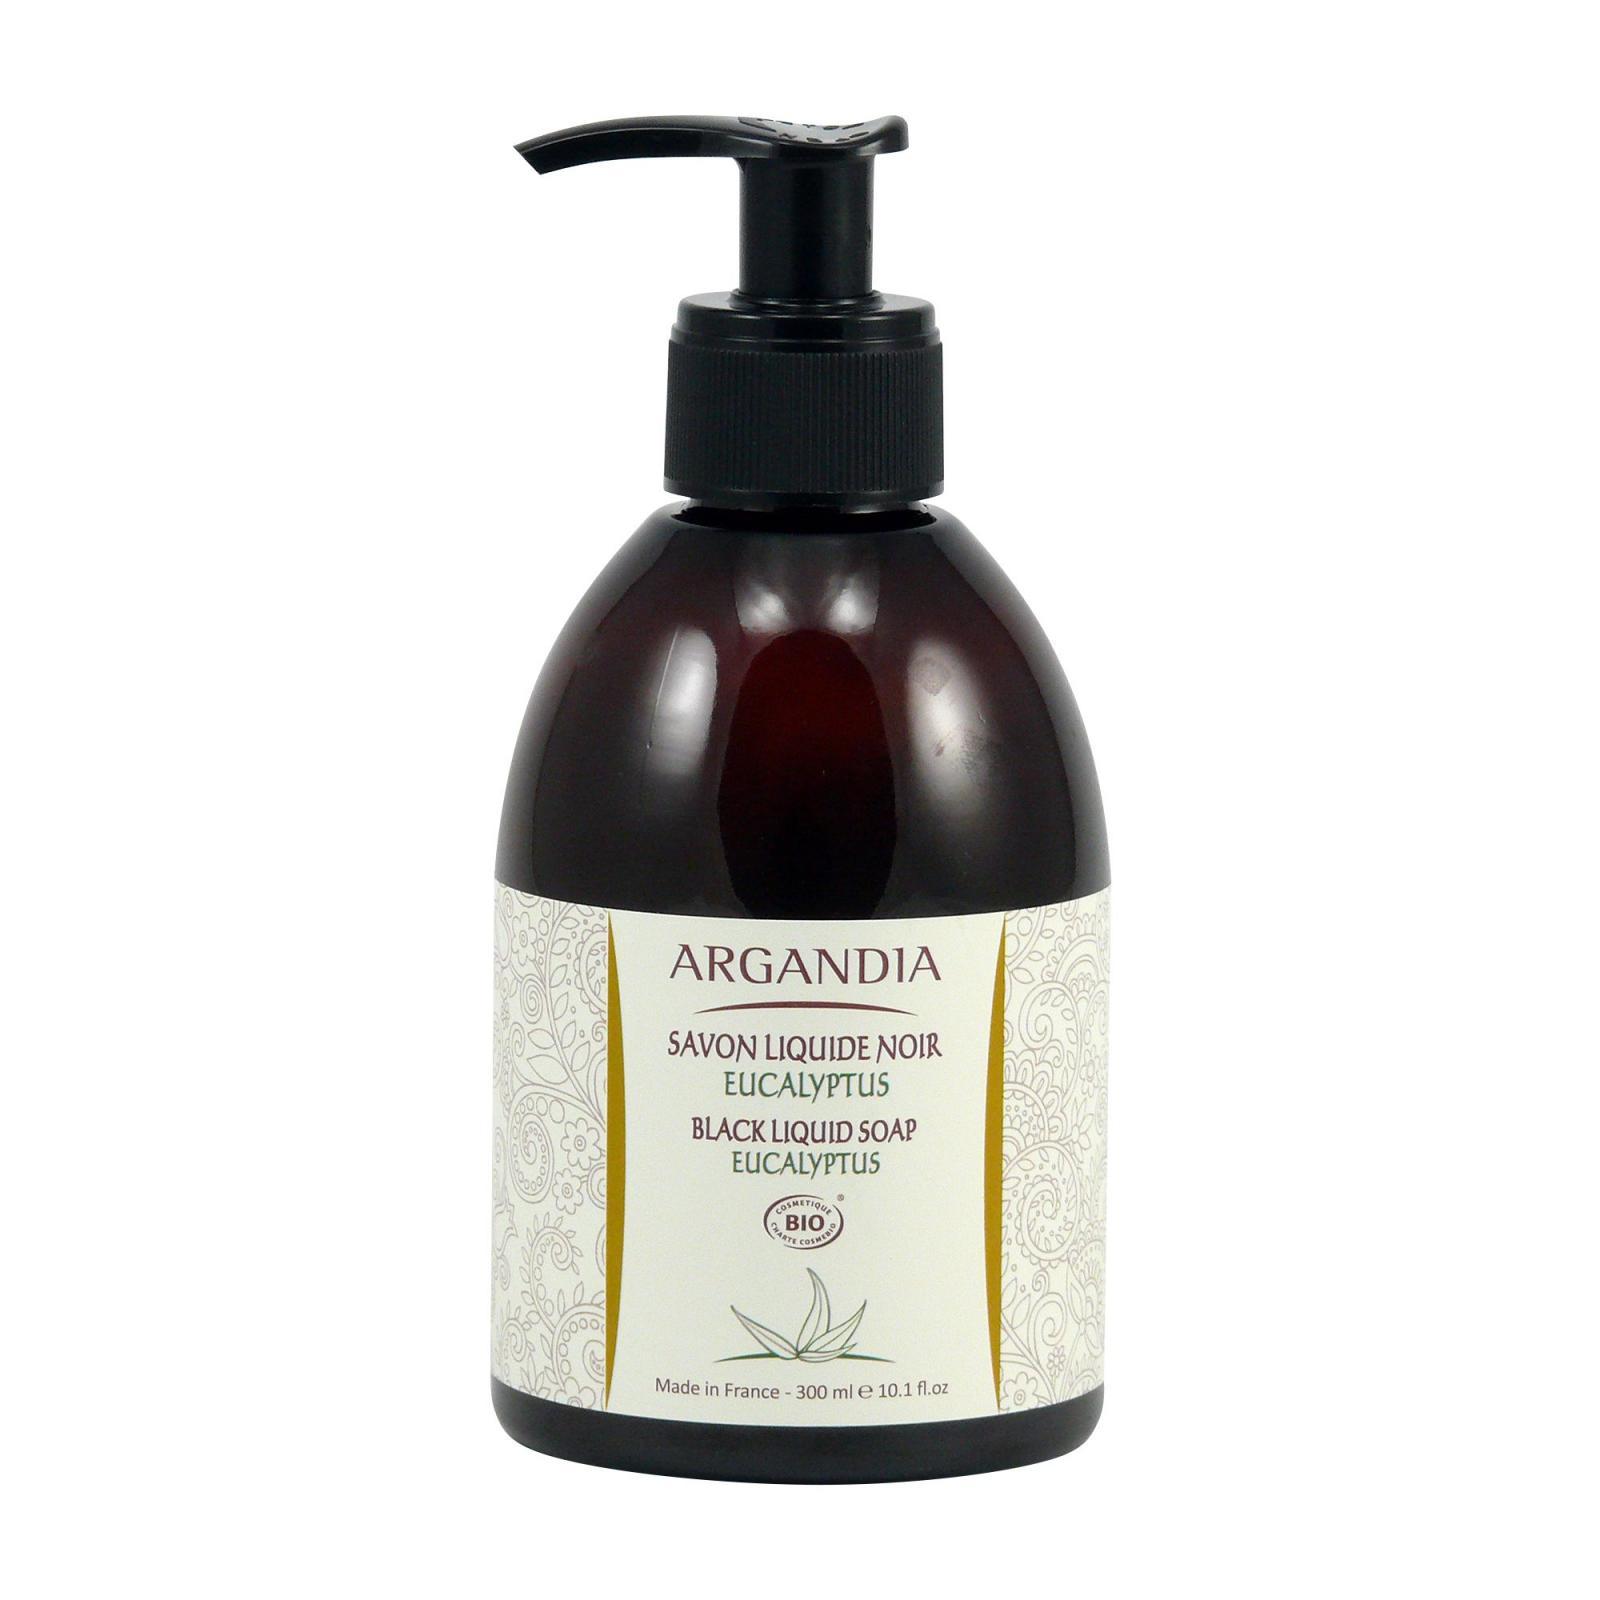 Argandia Černé tekuté mýdlo Eukalyptus 300 ml